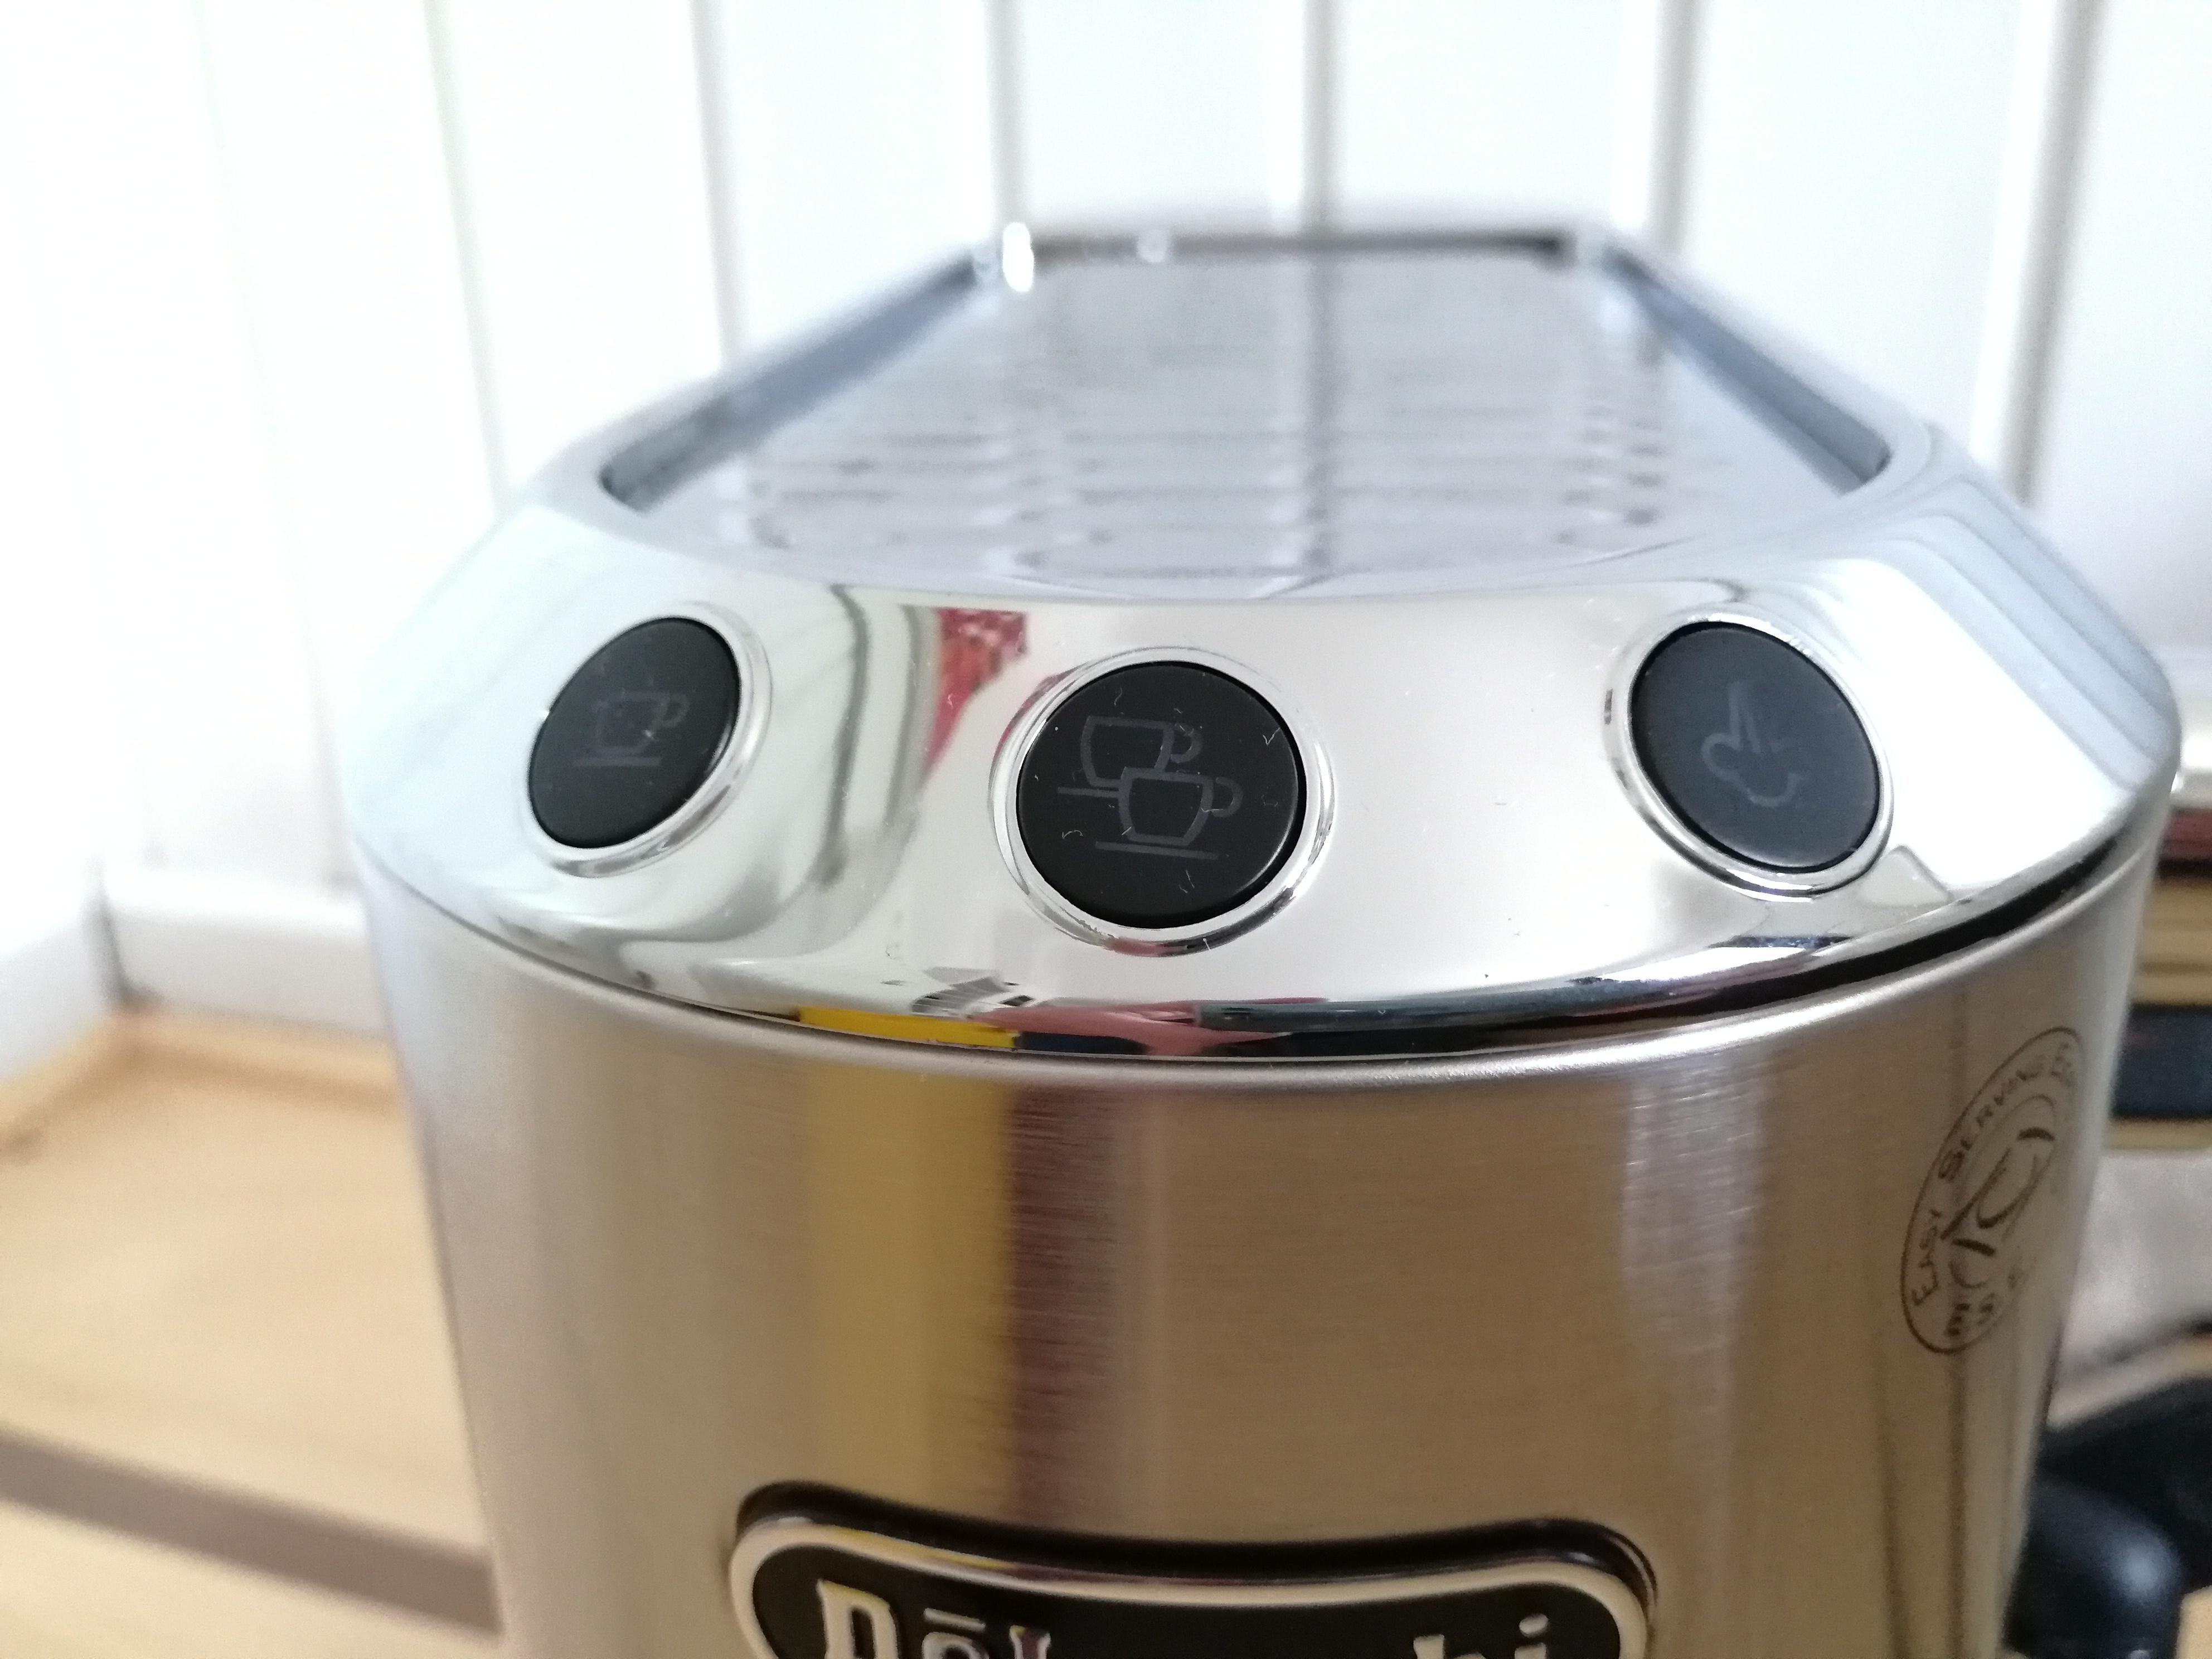 Schaltknoepfe Siebtraeger Espressomaschine Delonghi dedica